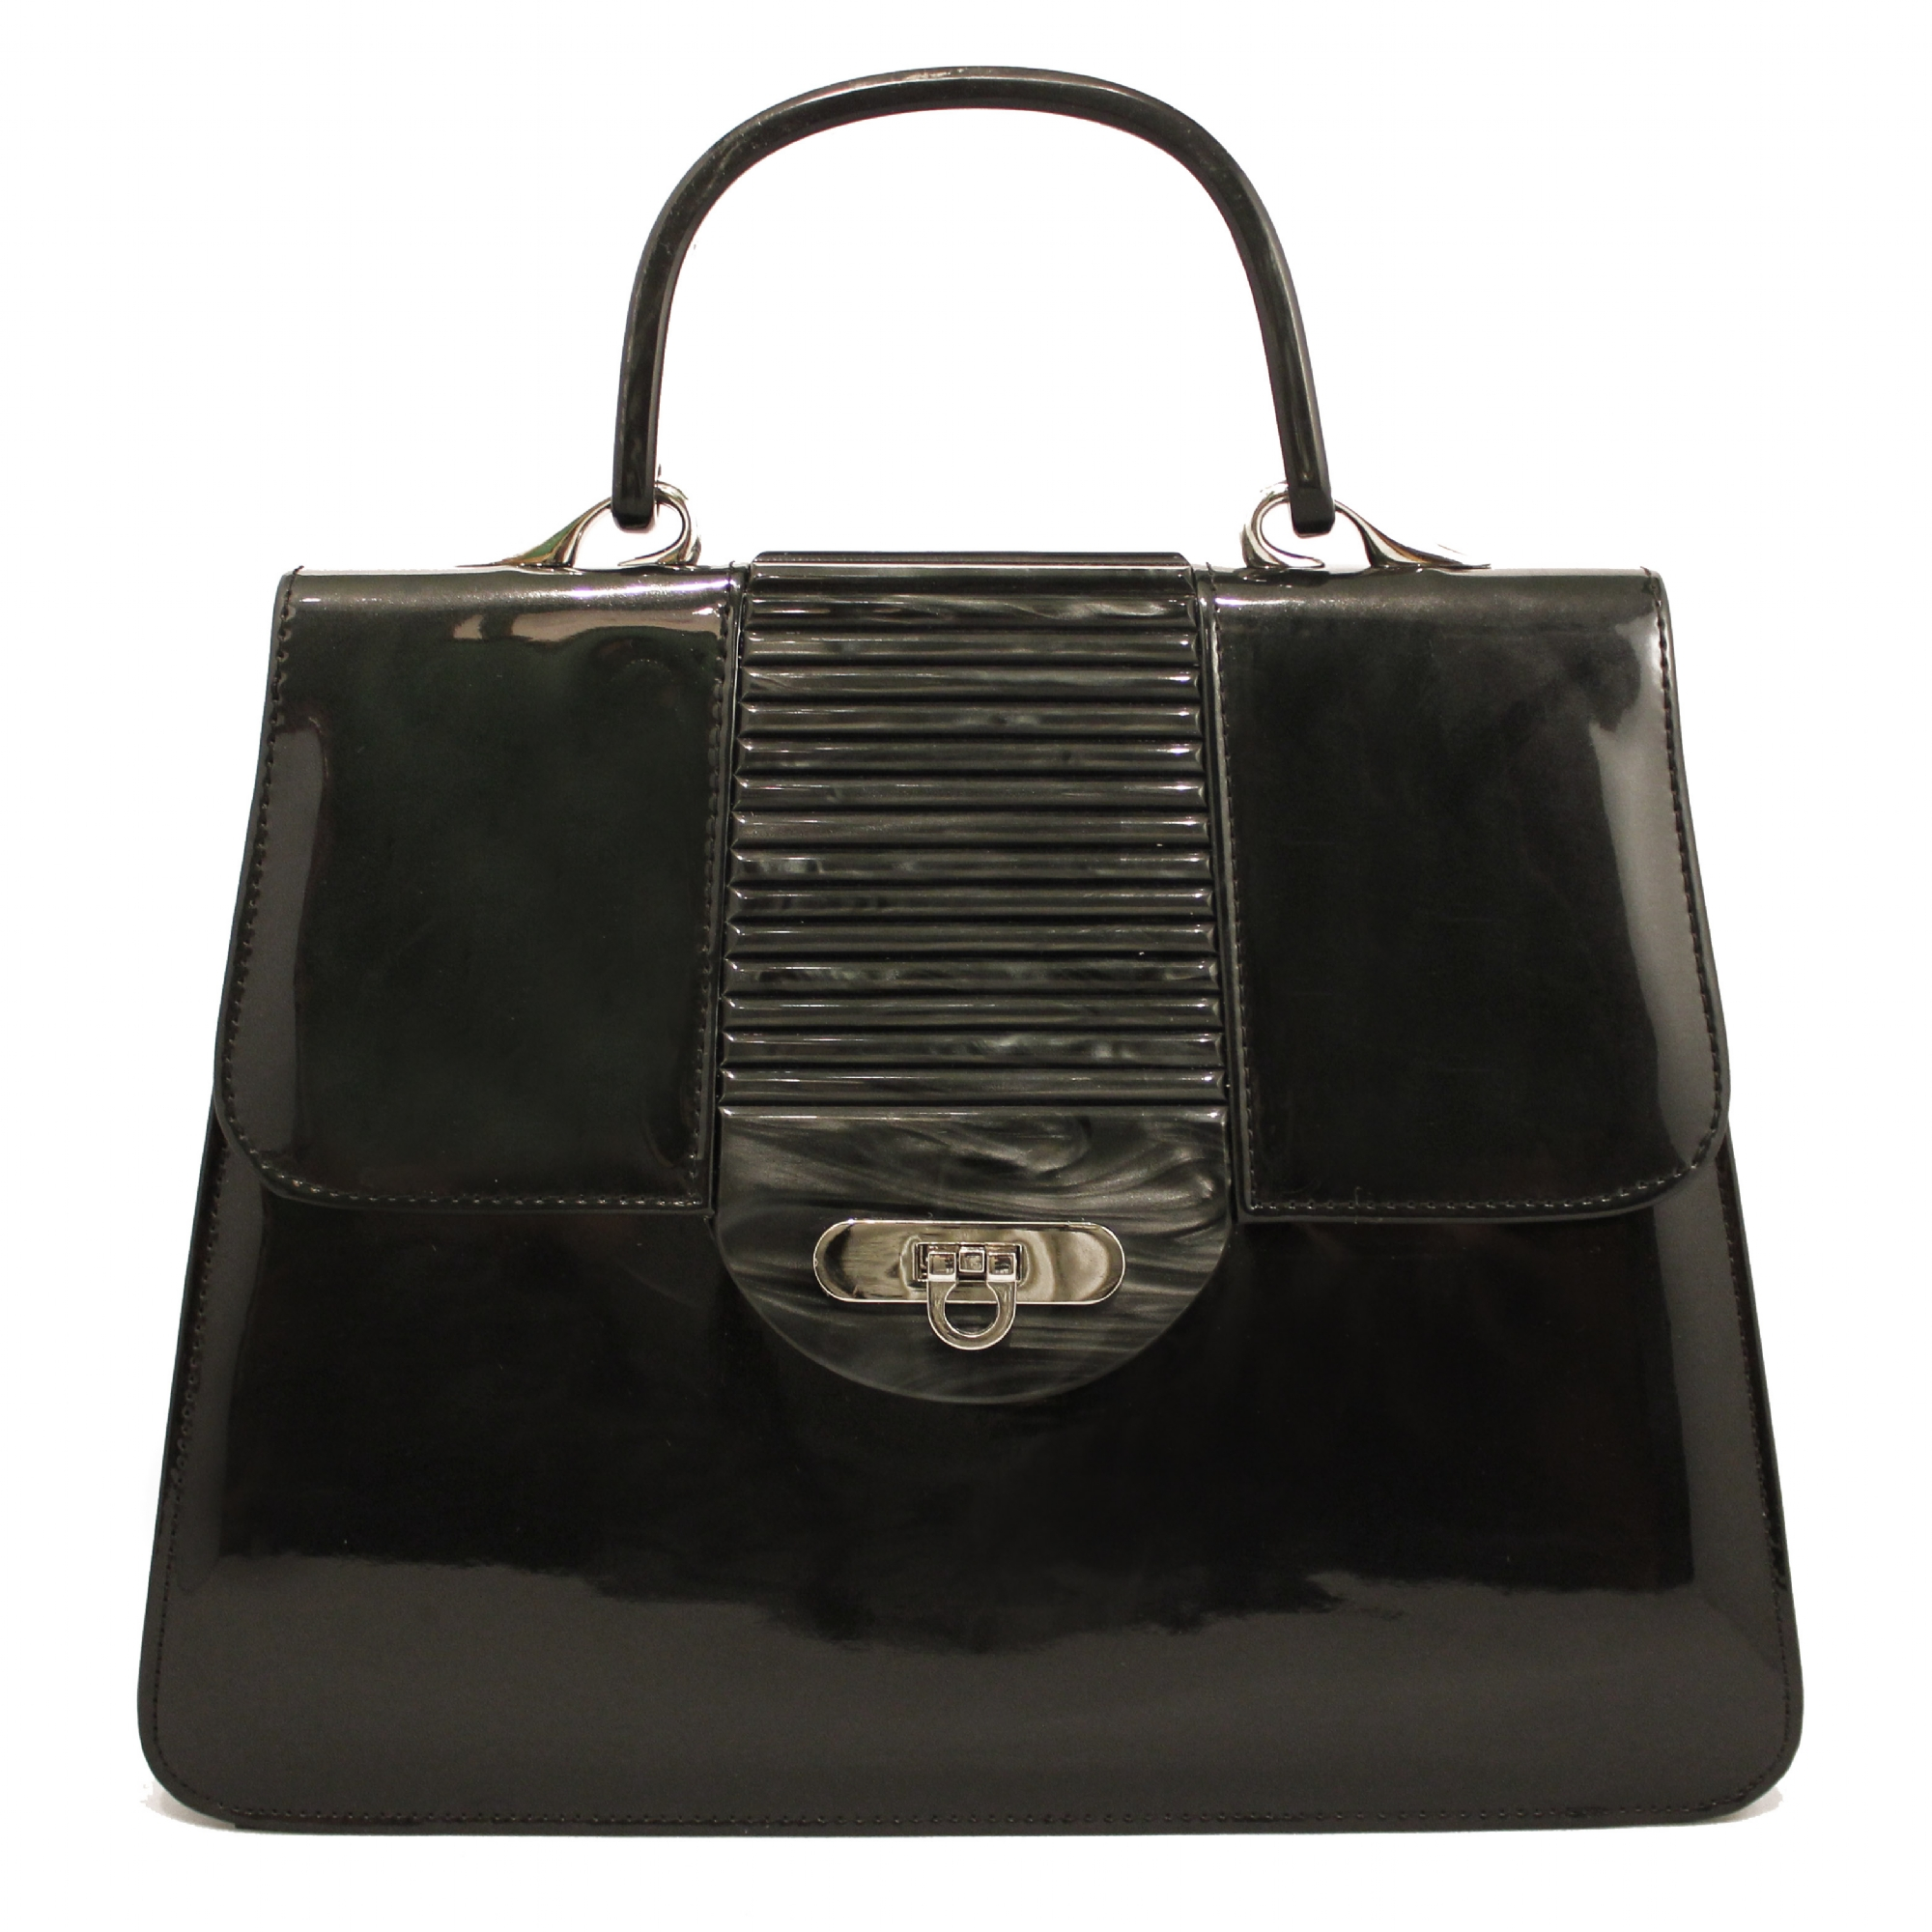 accessoires r tro sacs pochettes bijoux swing and sun esprit r tro boutique. Black Bedroom Furniture Sets. Home Design Ideas